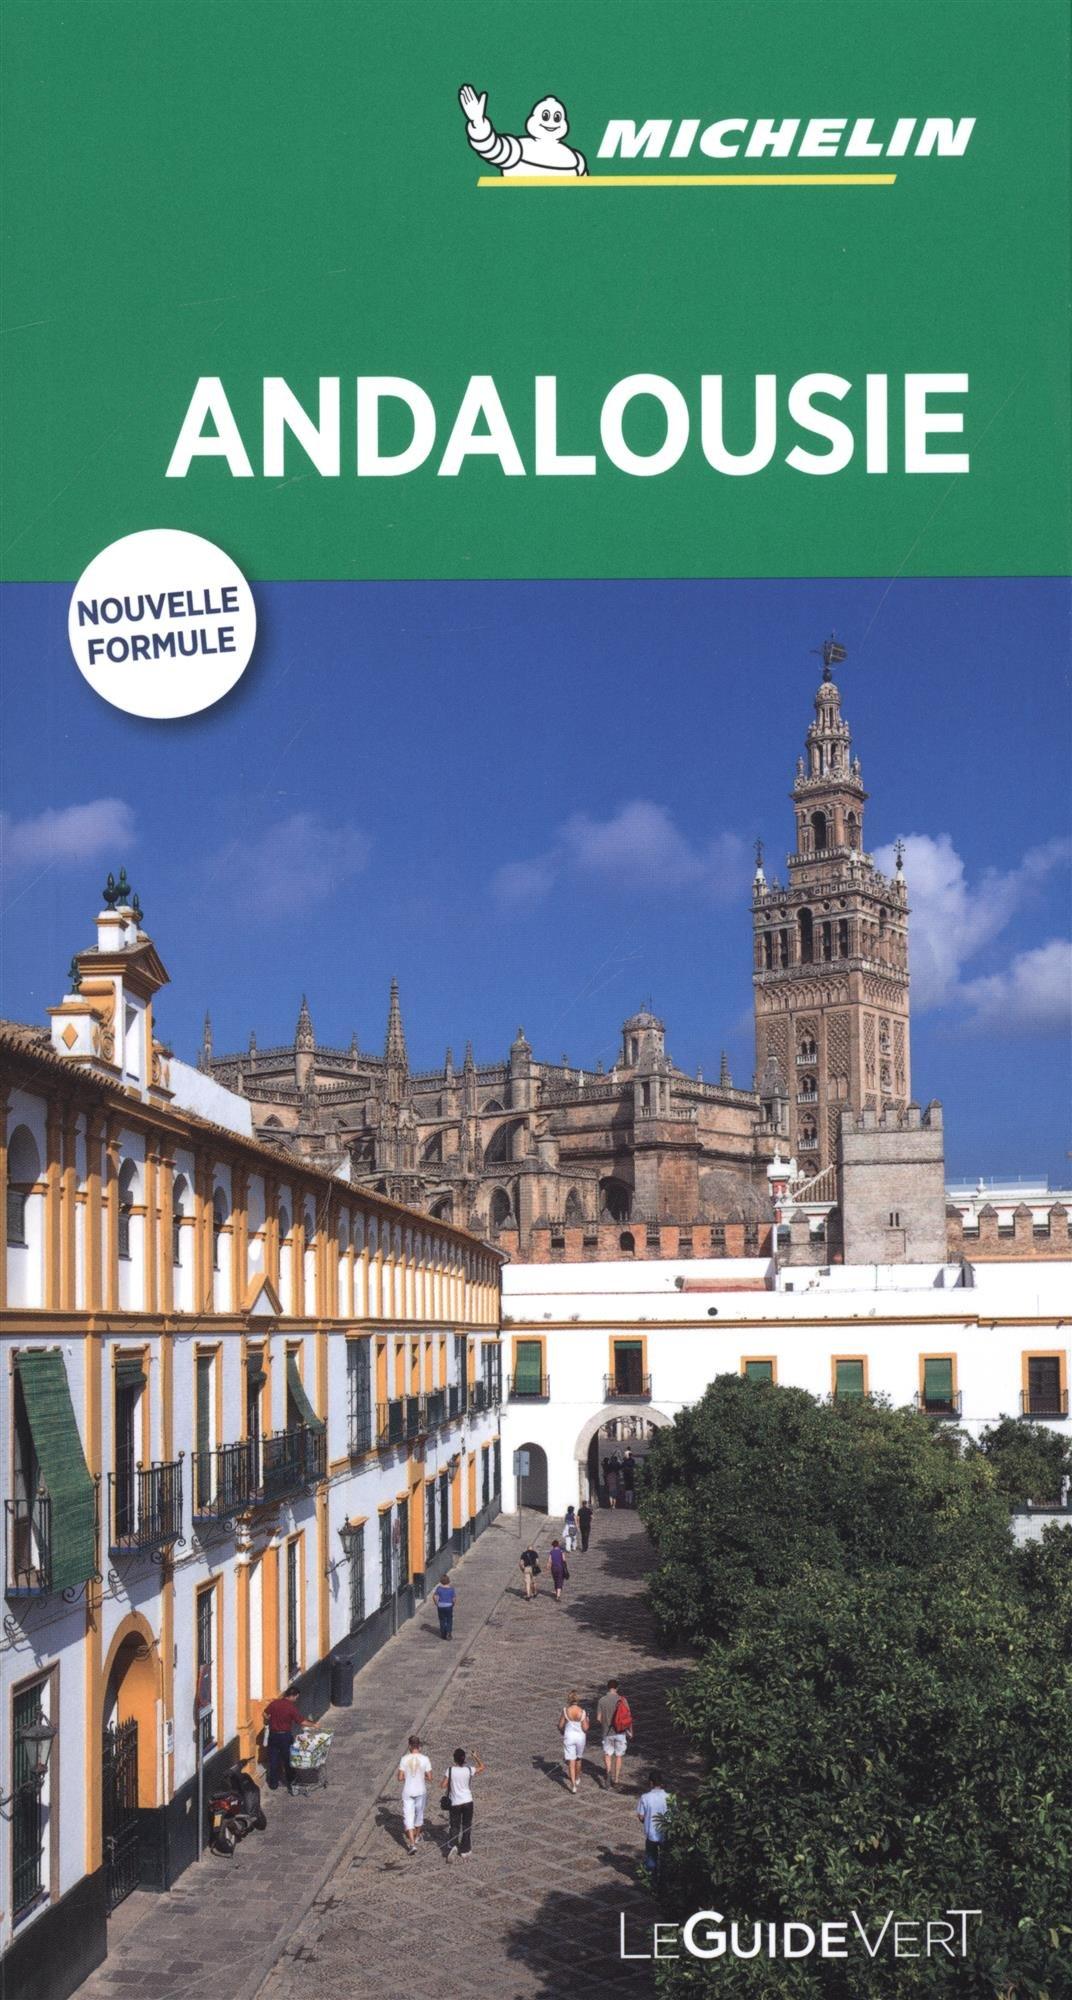 Guide Vert Andalousie Michelin Broché – 10 mars 2018 2067227289 Voyages / Guides touristiques Espagne-andalousie Europe